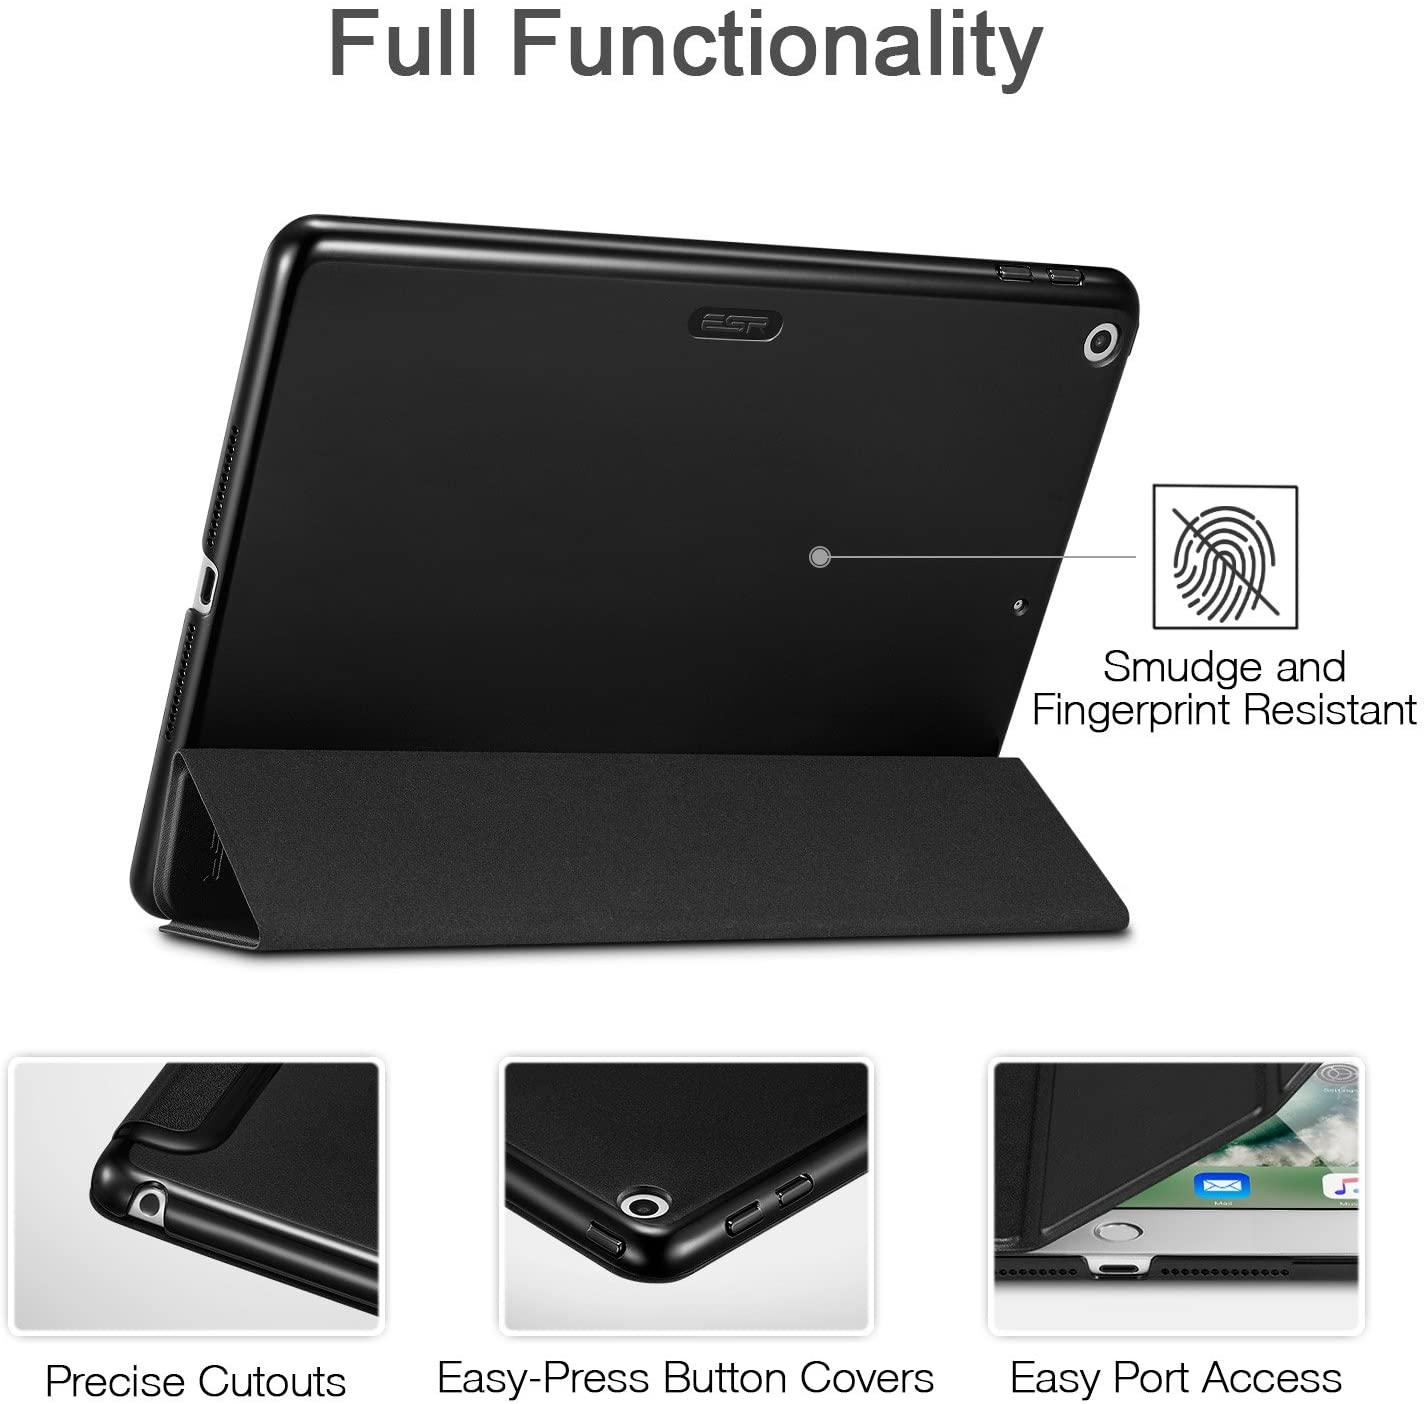 ESR iPad case comes with precise cutouts and easy press button design